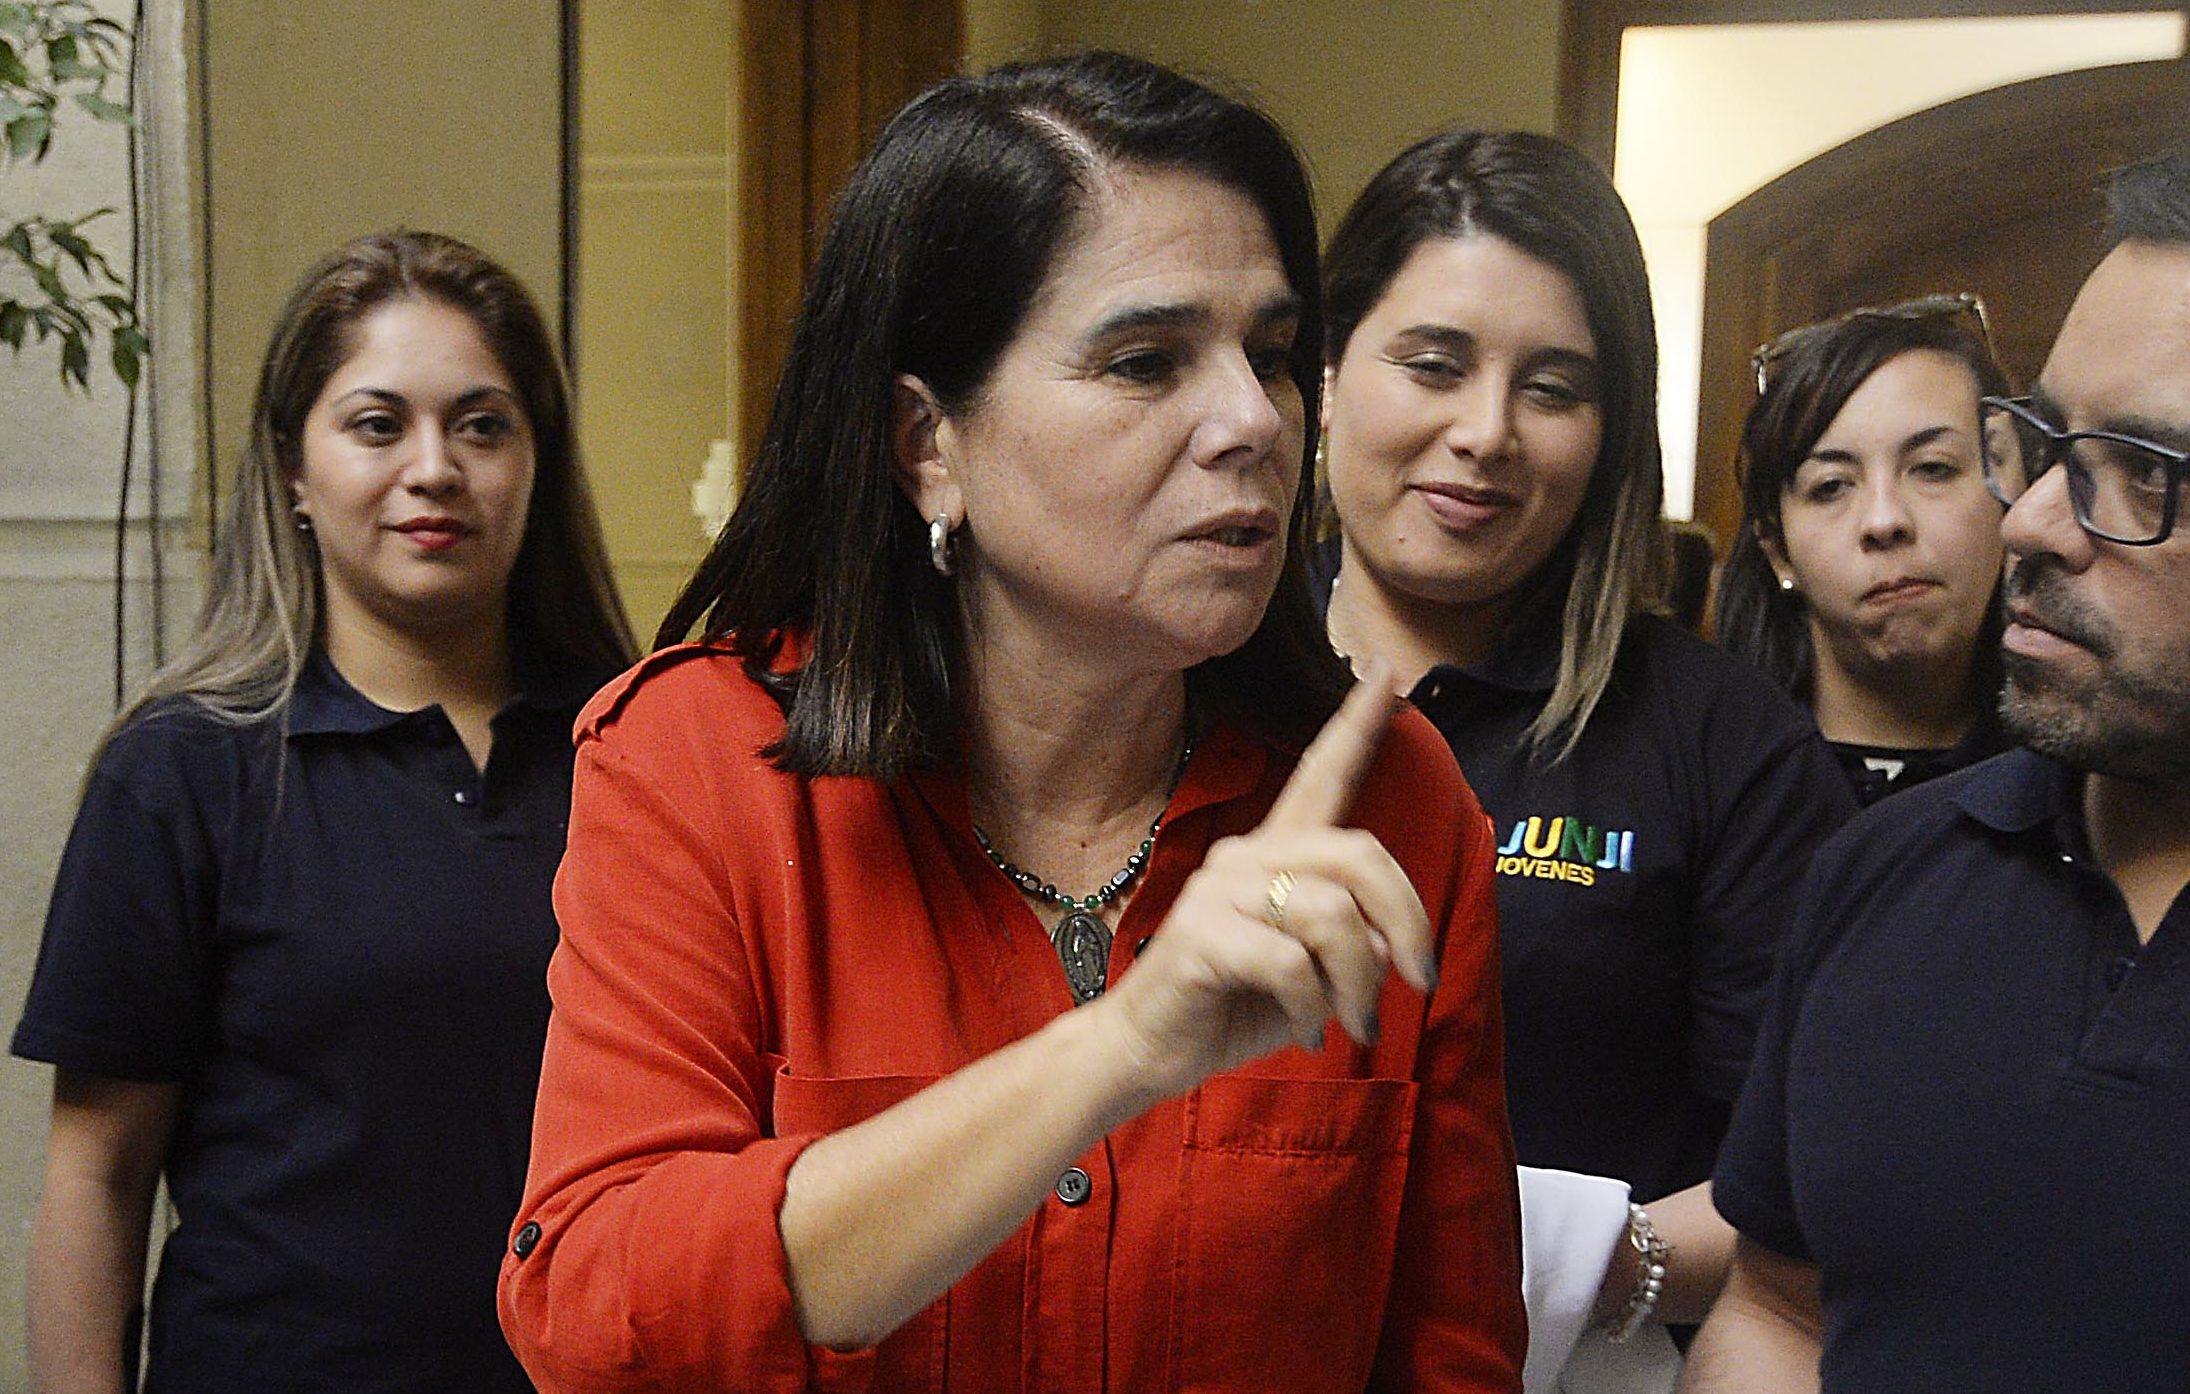 Cámara inicia comisión investigadora contra gestión de Bachelet: solo llegaron 5 diputados a la sesión